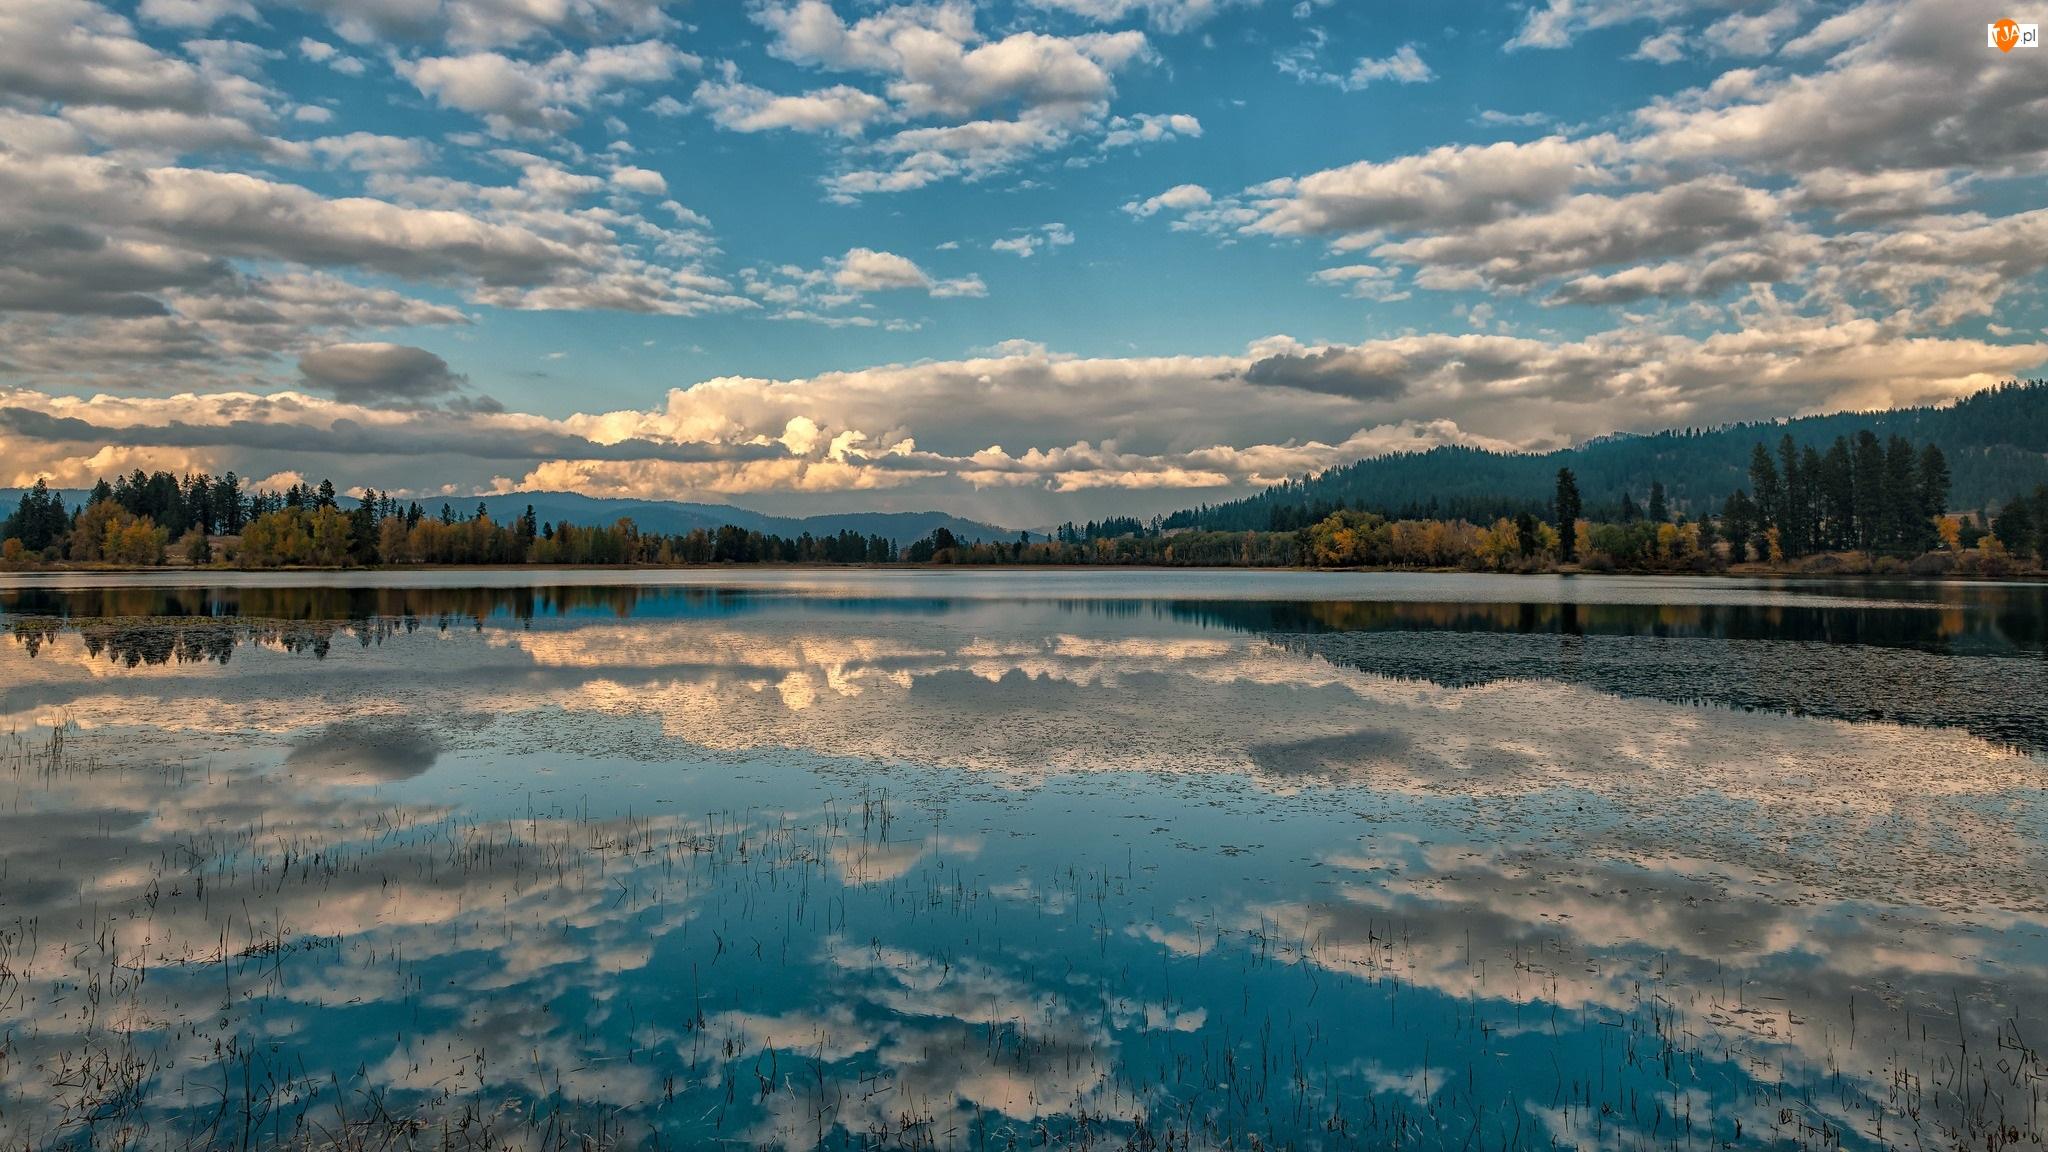 Jezioro, Jesień, Drzewa, Odbicie, Góry, Chmury